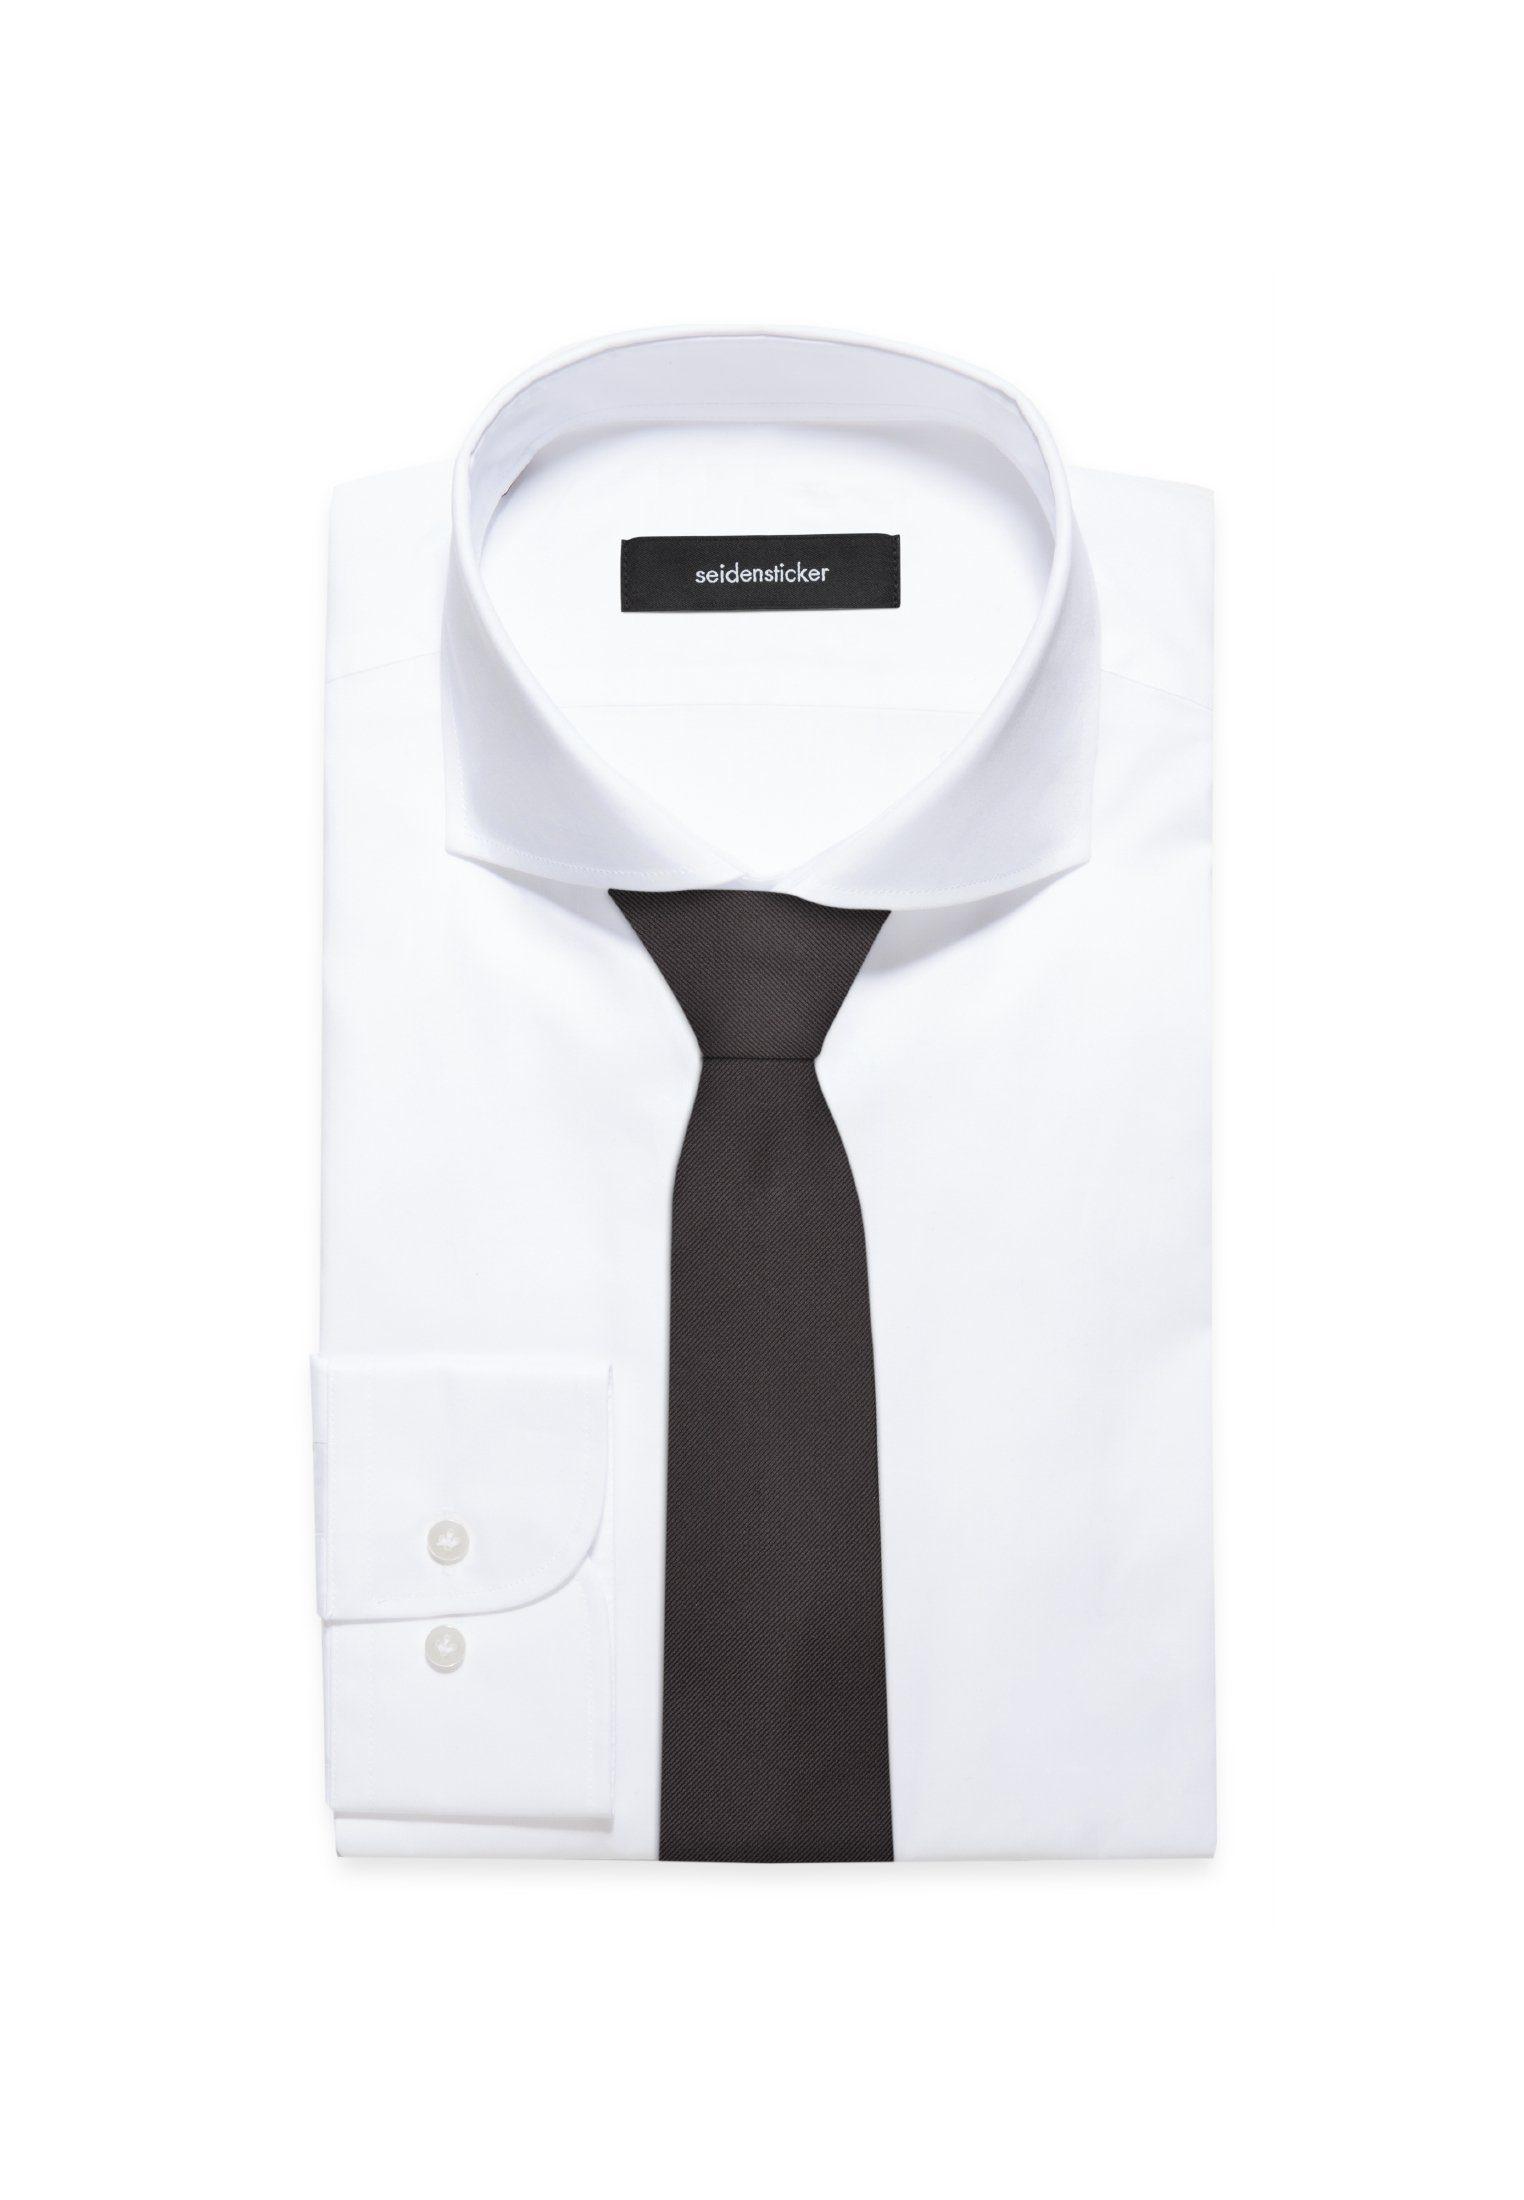 Rose«Breit7cmOnline Seidensticker Kaufen »schwarze Krawatte Seidensticker Rose«Breit7cmOnline »schwarze Krawatte jRL4A35